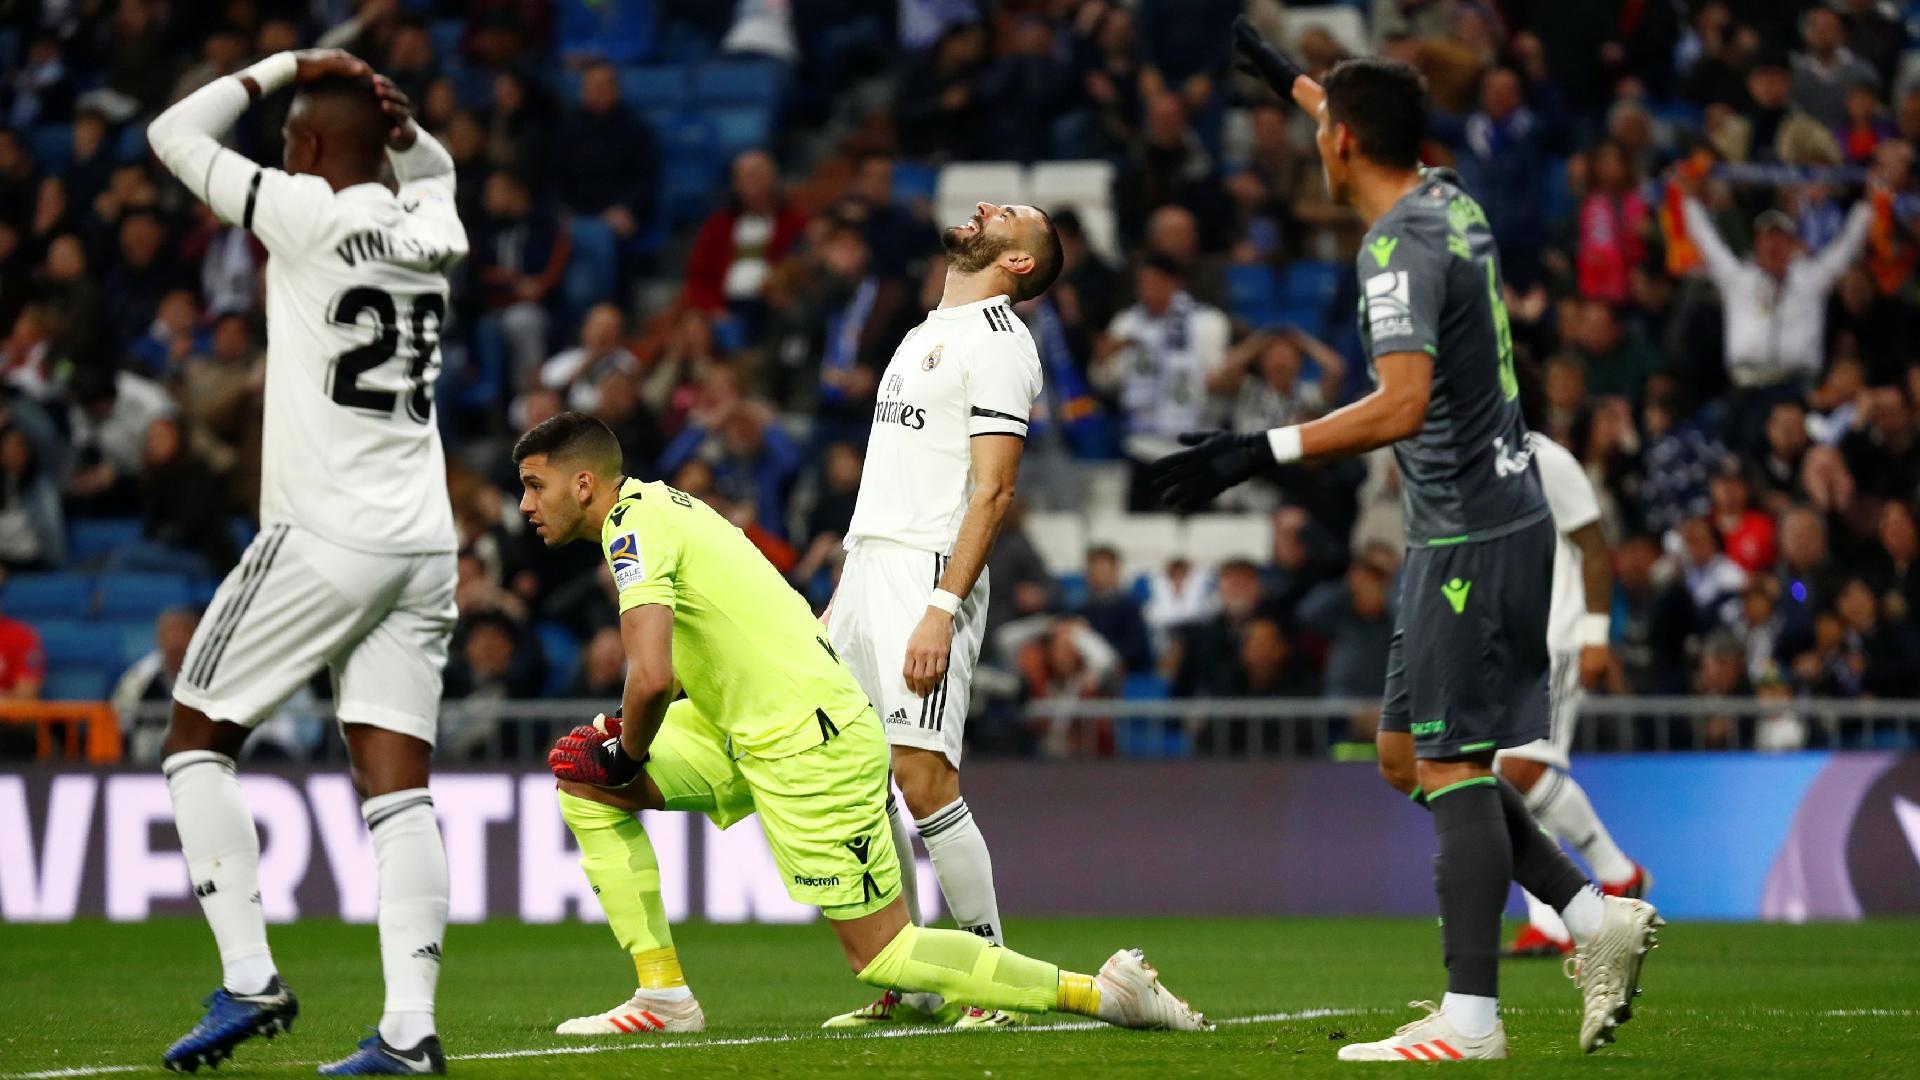 Jogadores do Real Madrid lamentam lance em partida contra a Real Sociedad